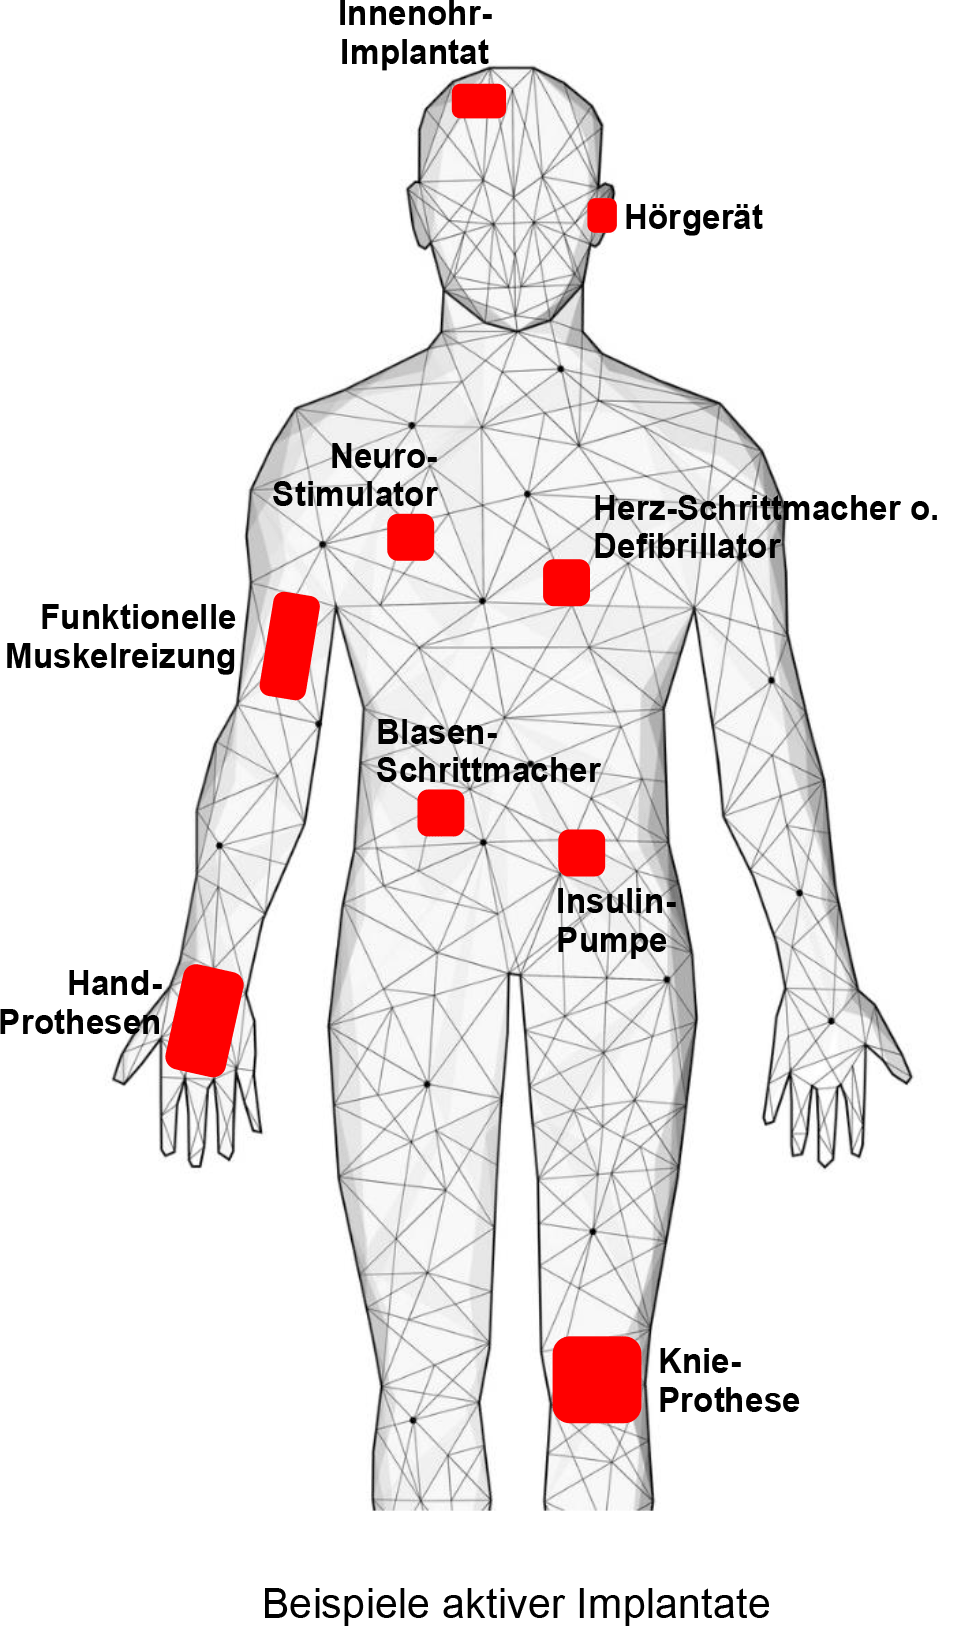 Beispiele-aktiver-Implantate